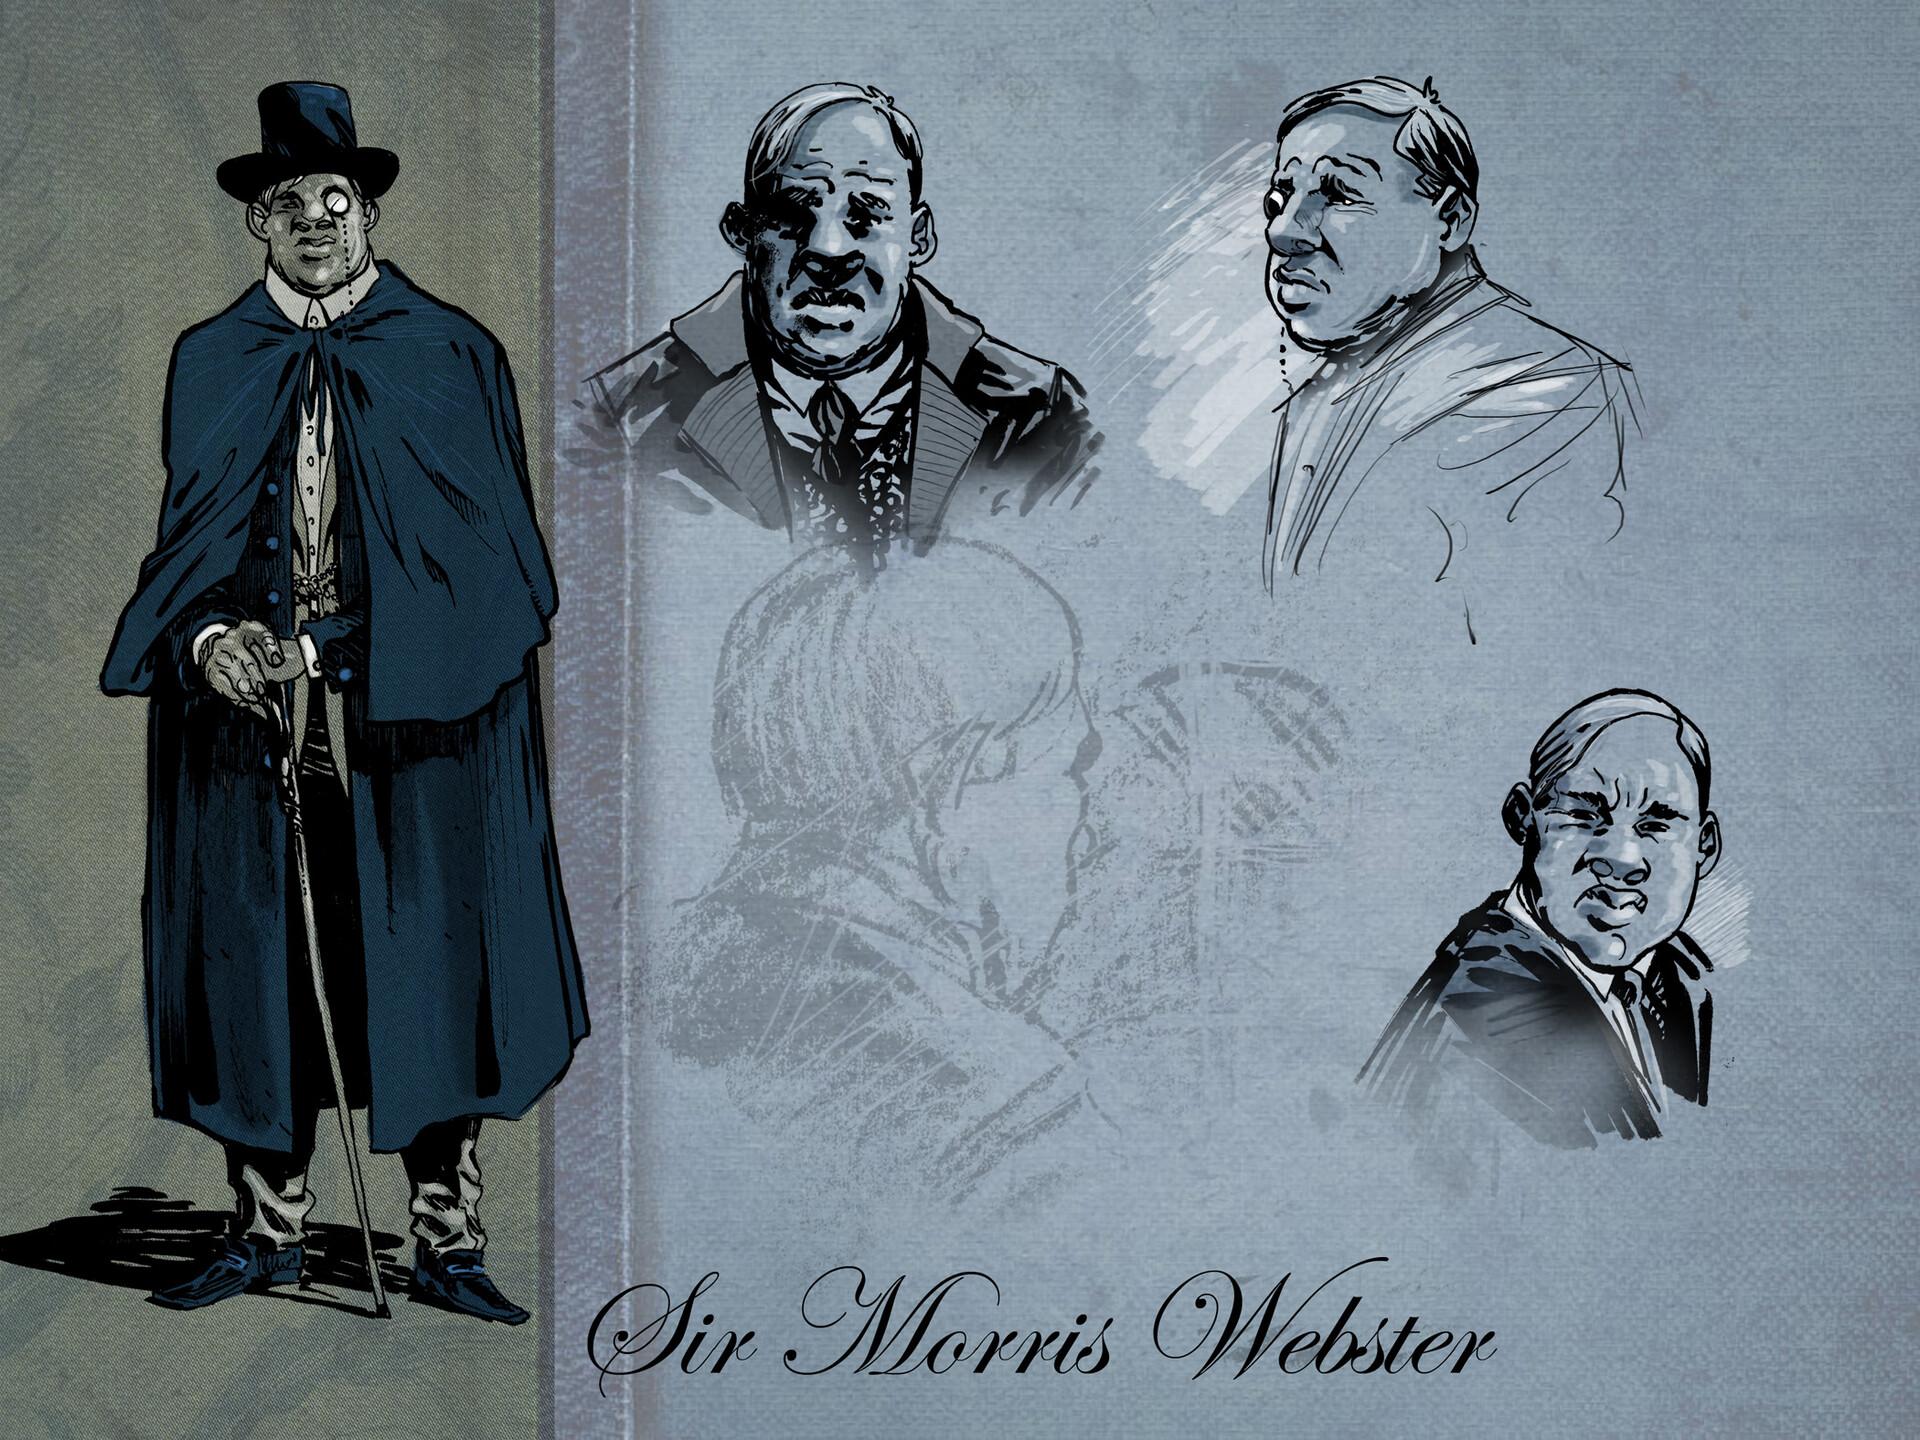 Webster character design